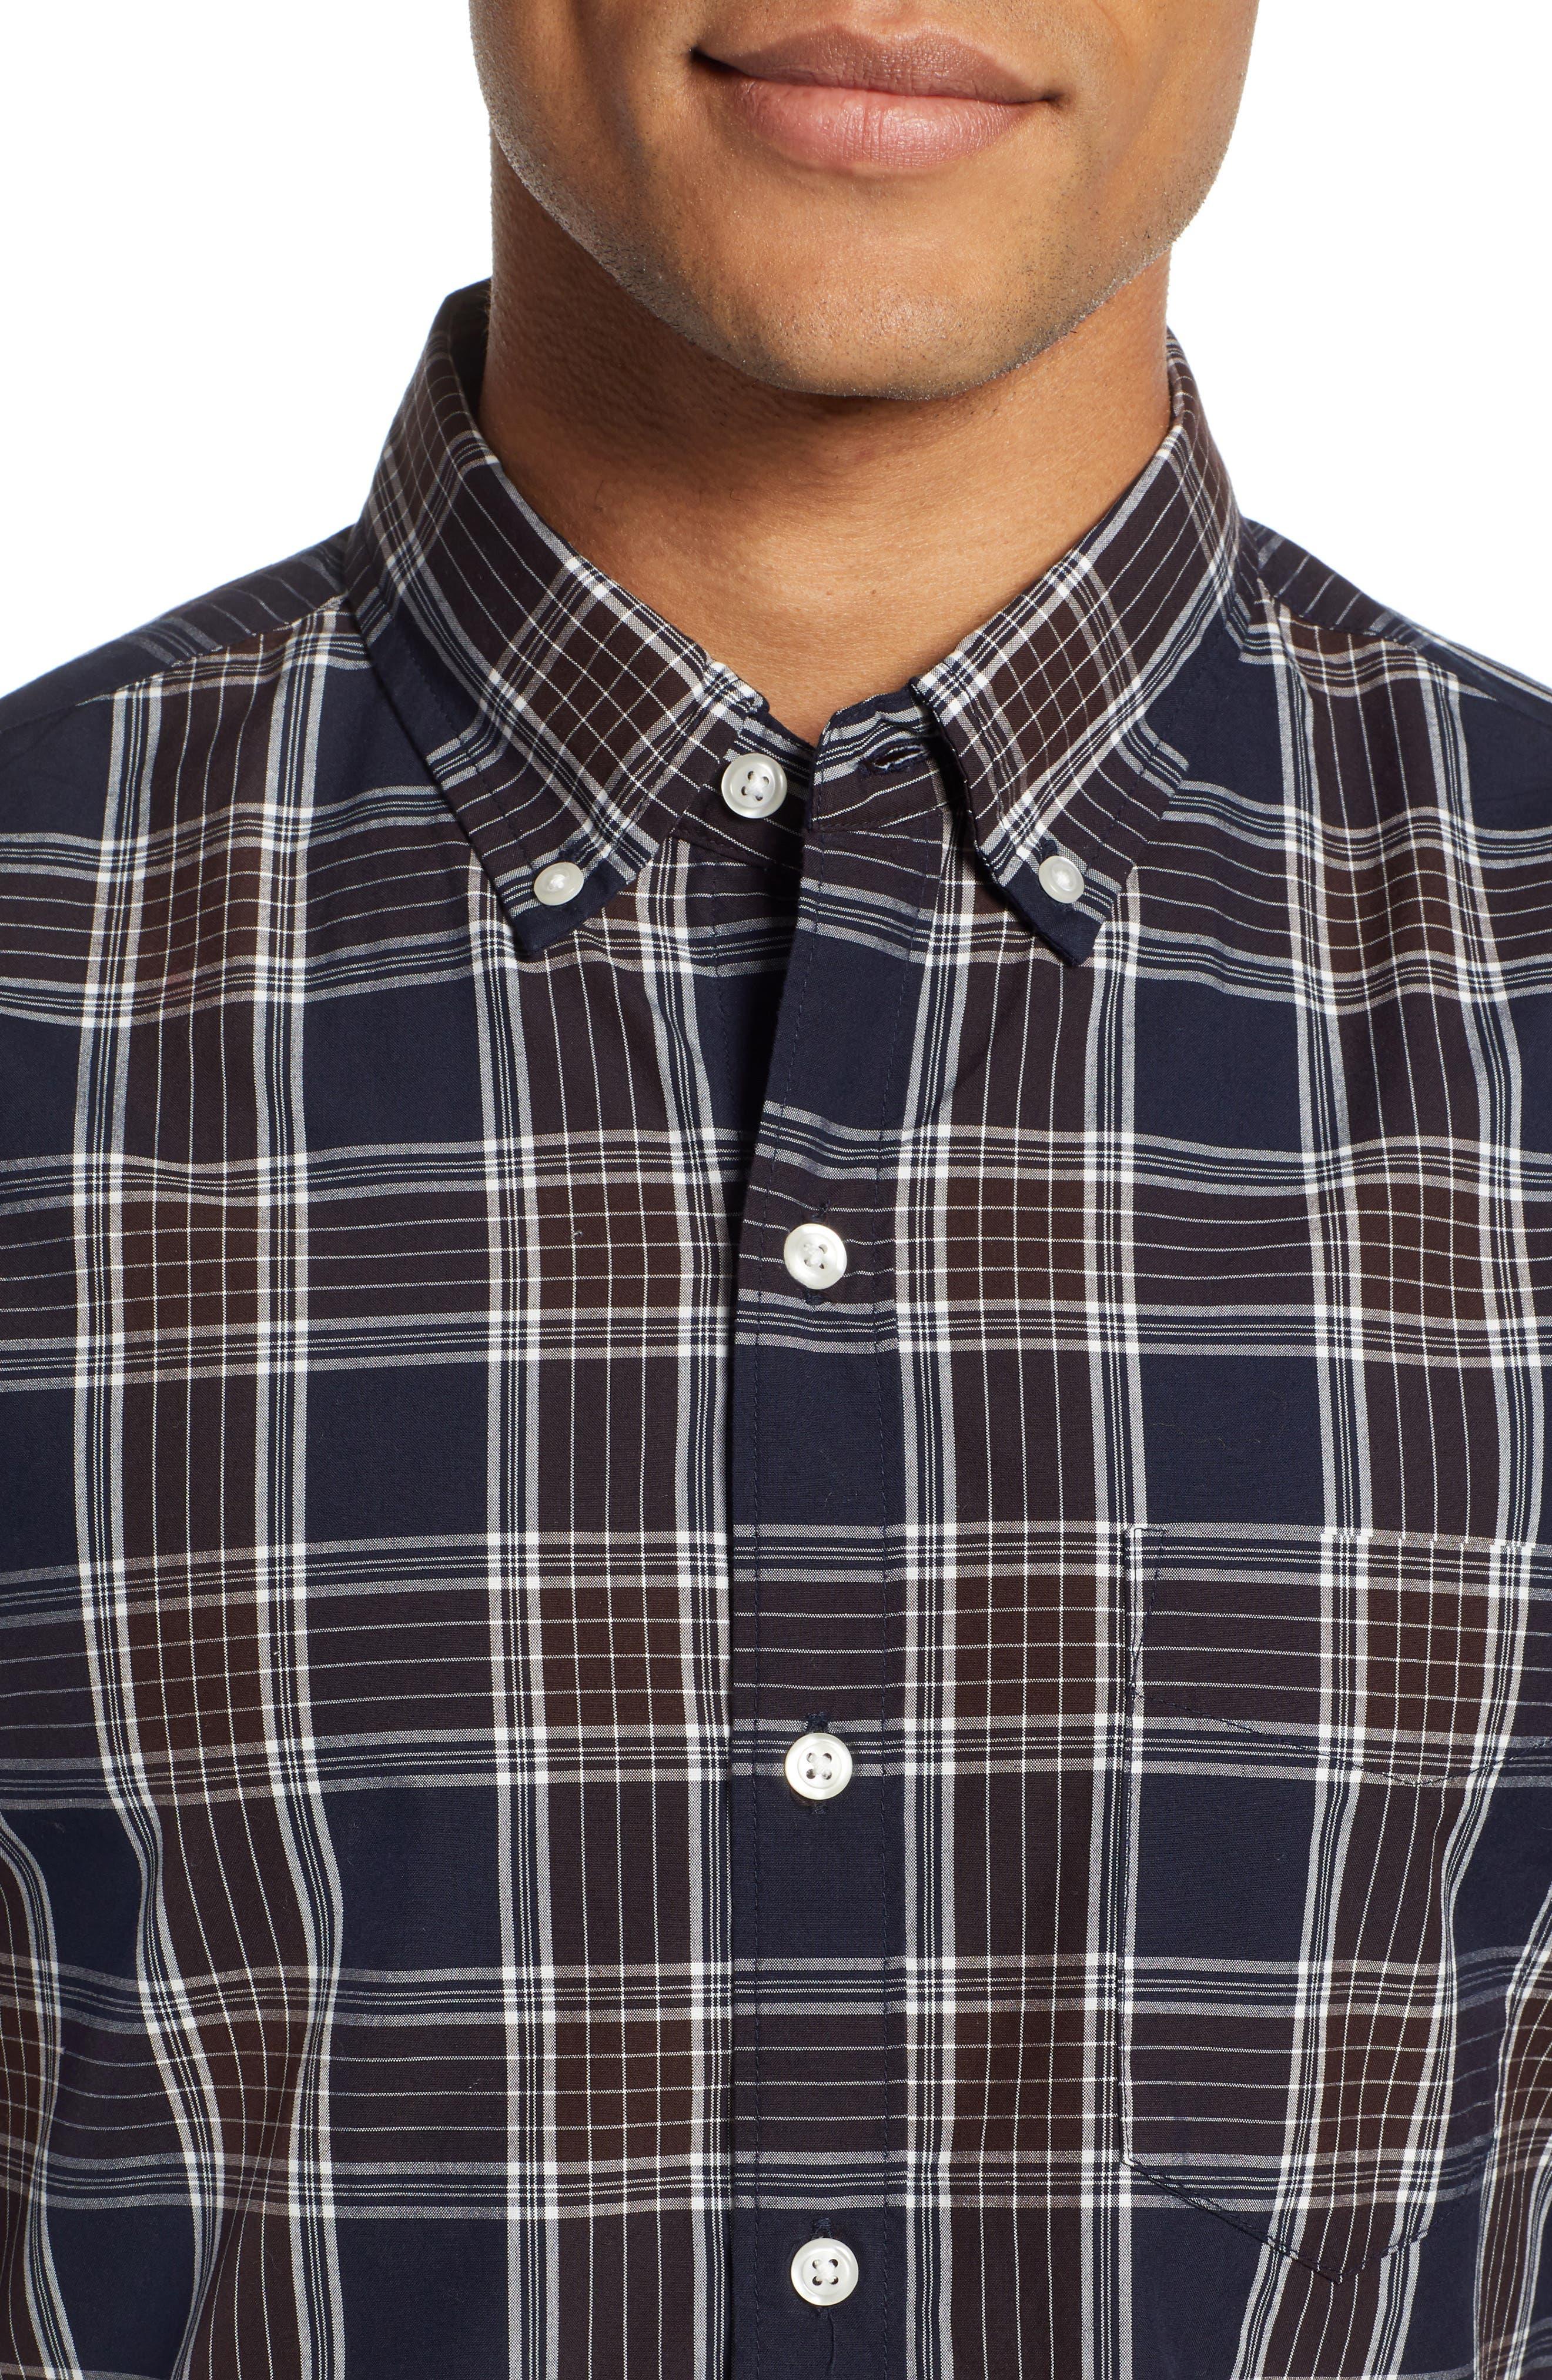 Washed Slim Fit Plaid Sport Shirt,                             Alternate thumbnail 2, color,                             HAWN LAKE PLAID - CEDAR SHAKES